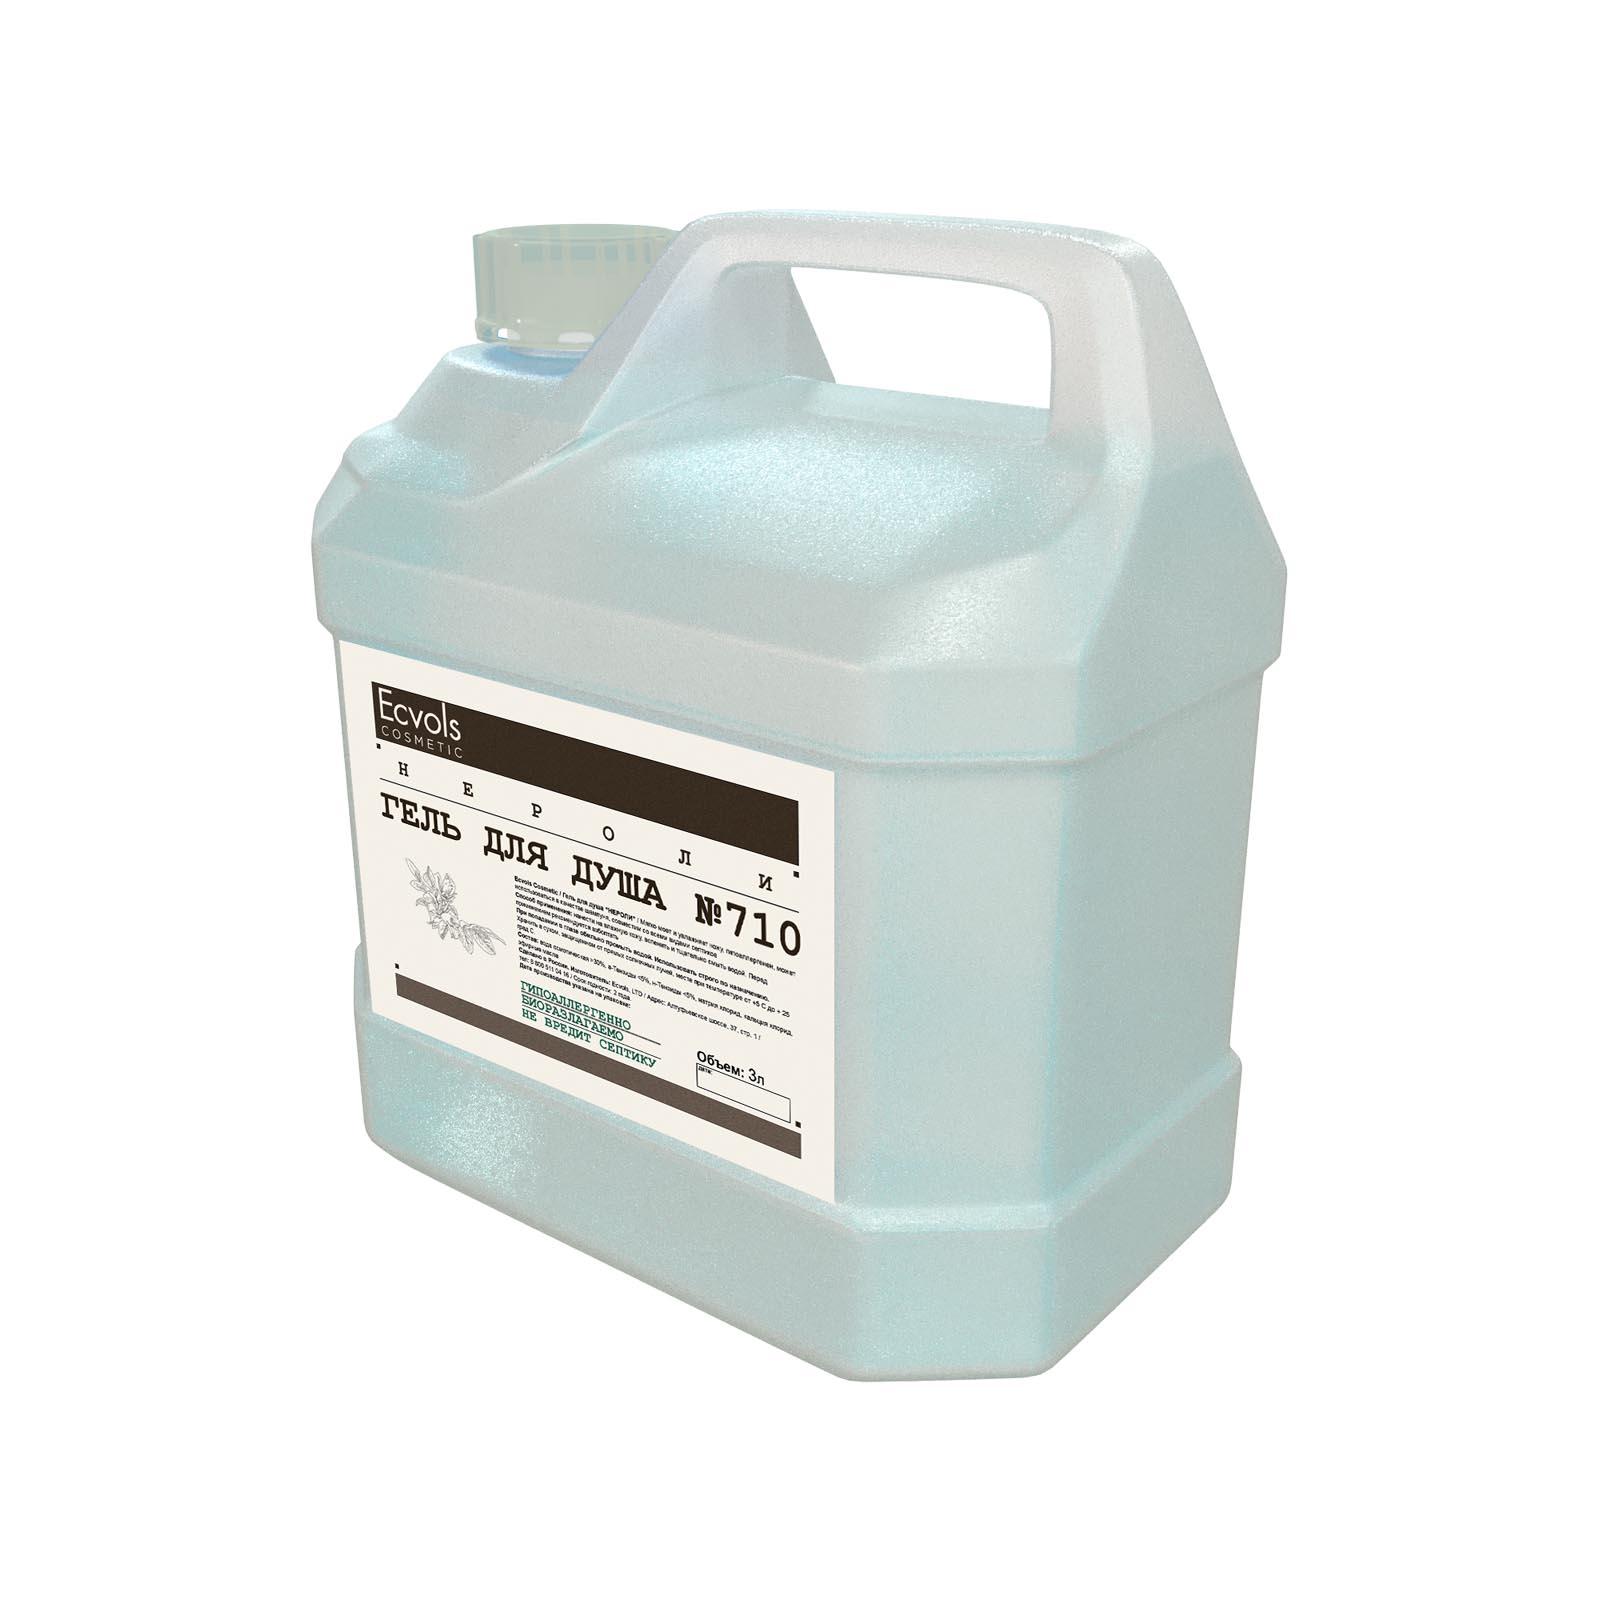 Купить Гель для душа Ecvols с эфирным маслом нероли с эффектом без слез 3 л